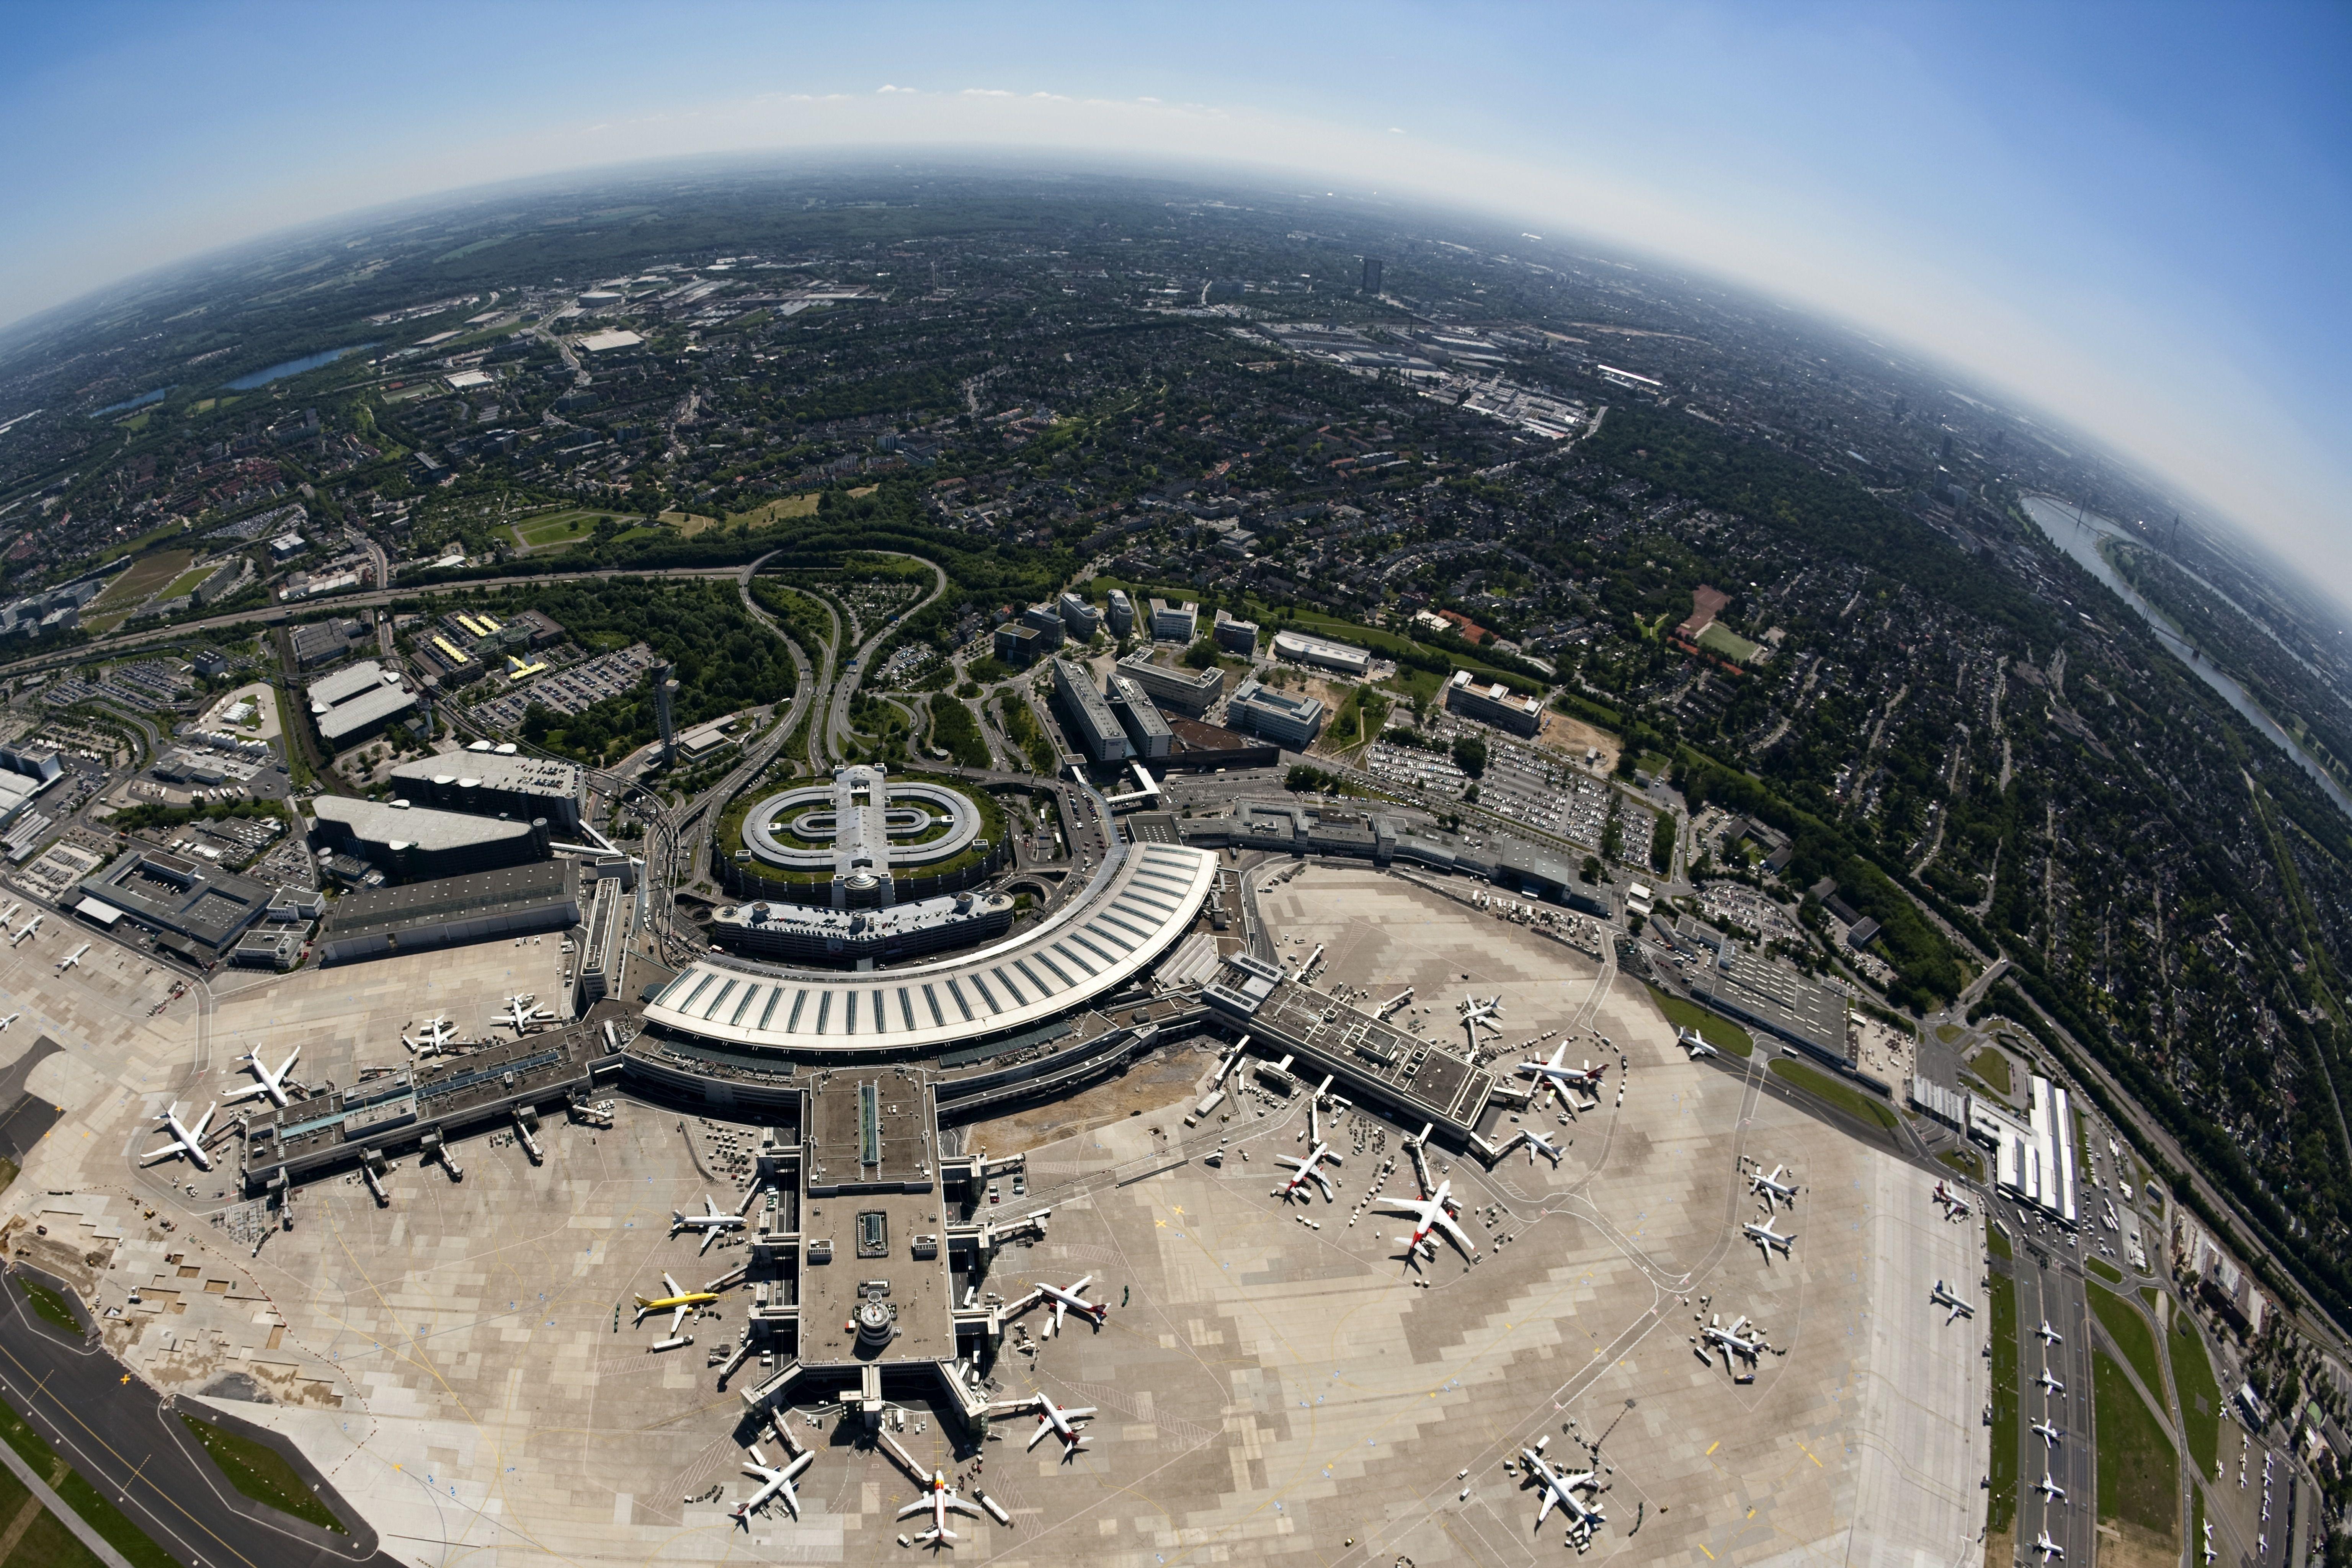 Kein Namenszusatz für den Düsseldorf Airport (Foto: Düsseldorf Flughafen)